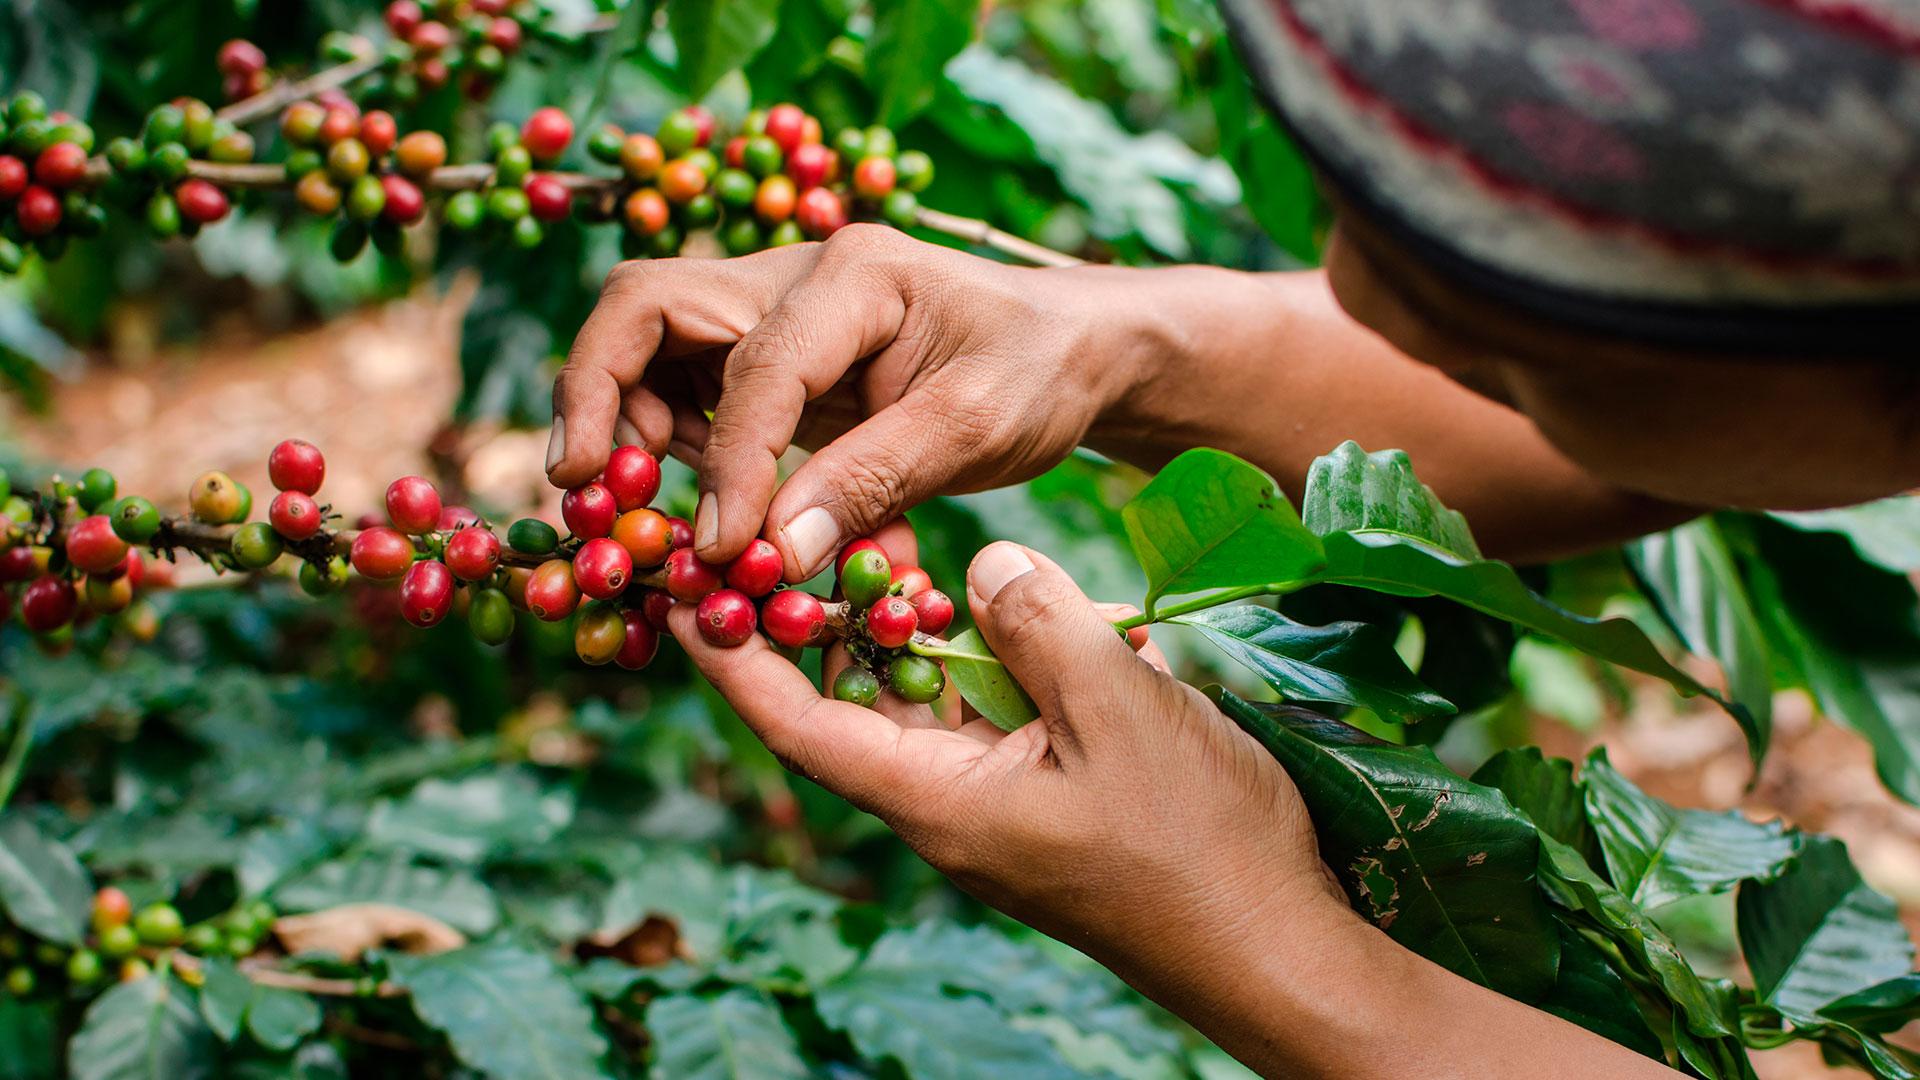 El grano se empacó en 1,2 millones de sacos. Producción cafetera creció 11,4% en junio | EL FRENTE